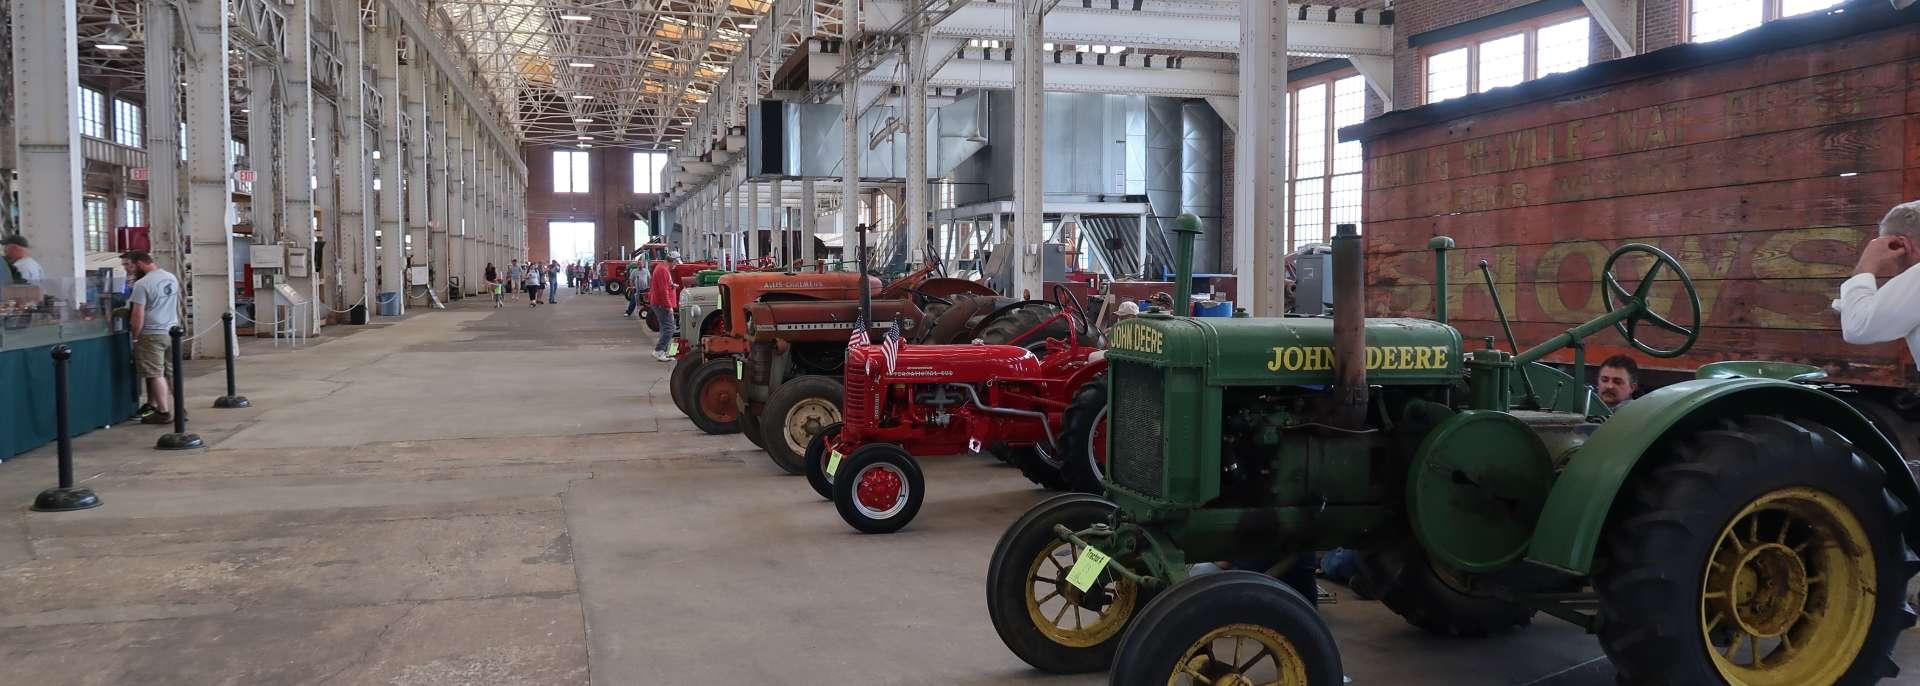 Tractors & Trains